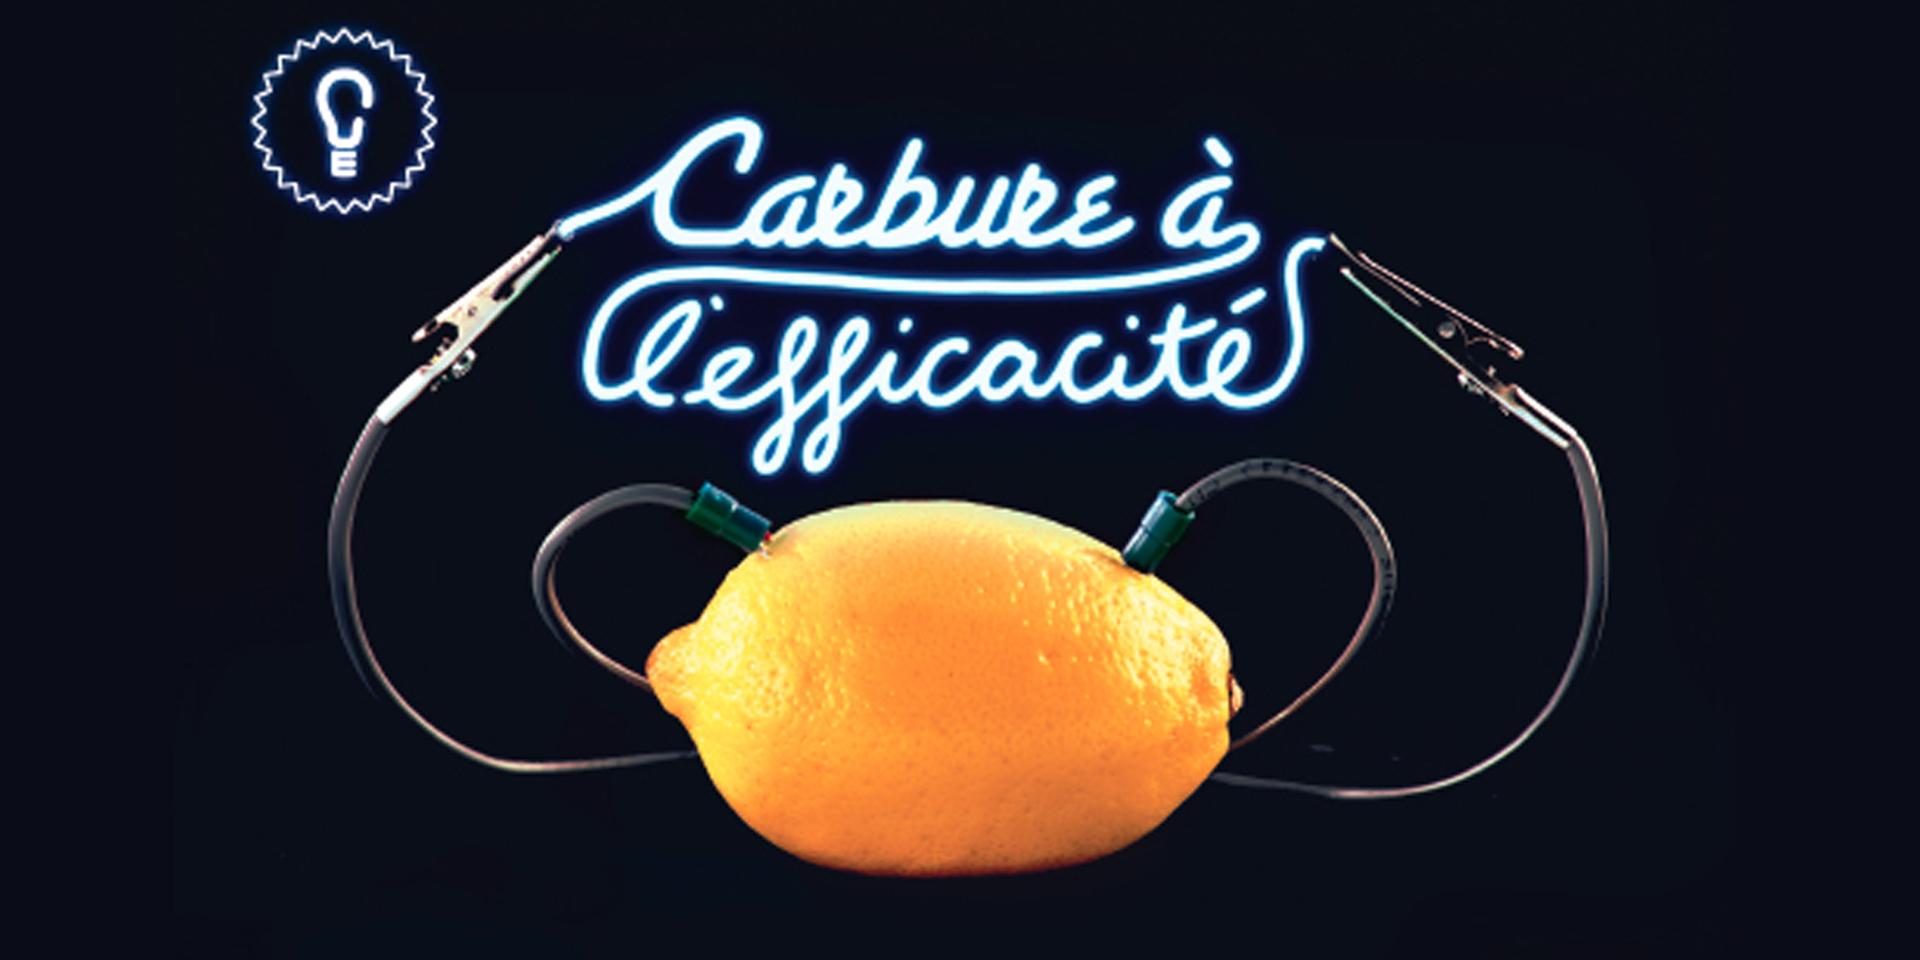 jour_de_la_terre_quebec_qc_carbure_a_efficacite_ecole